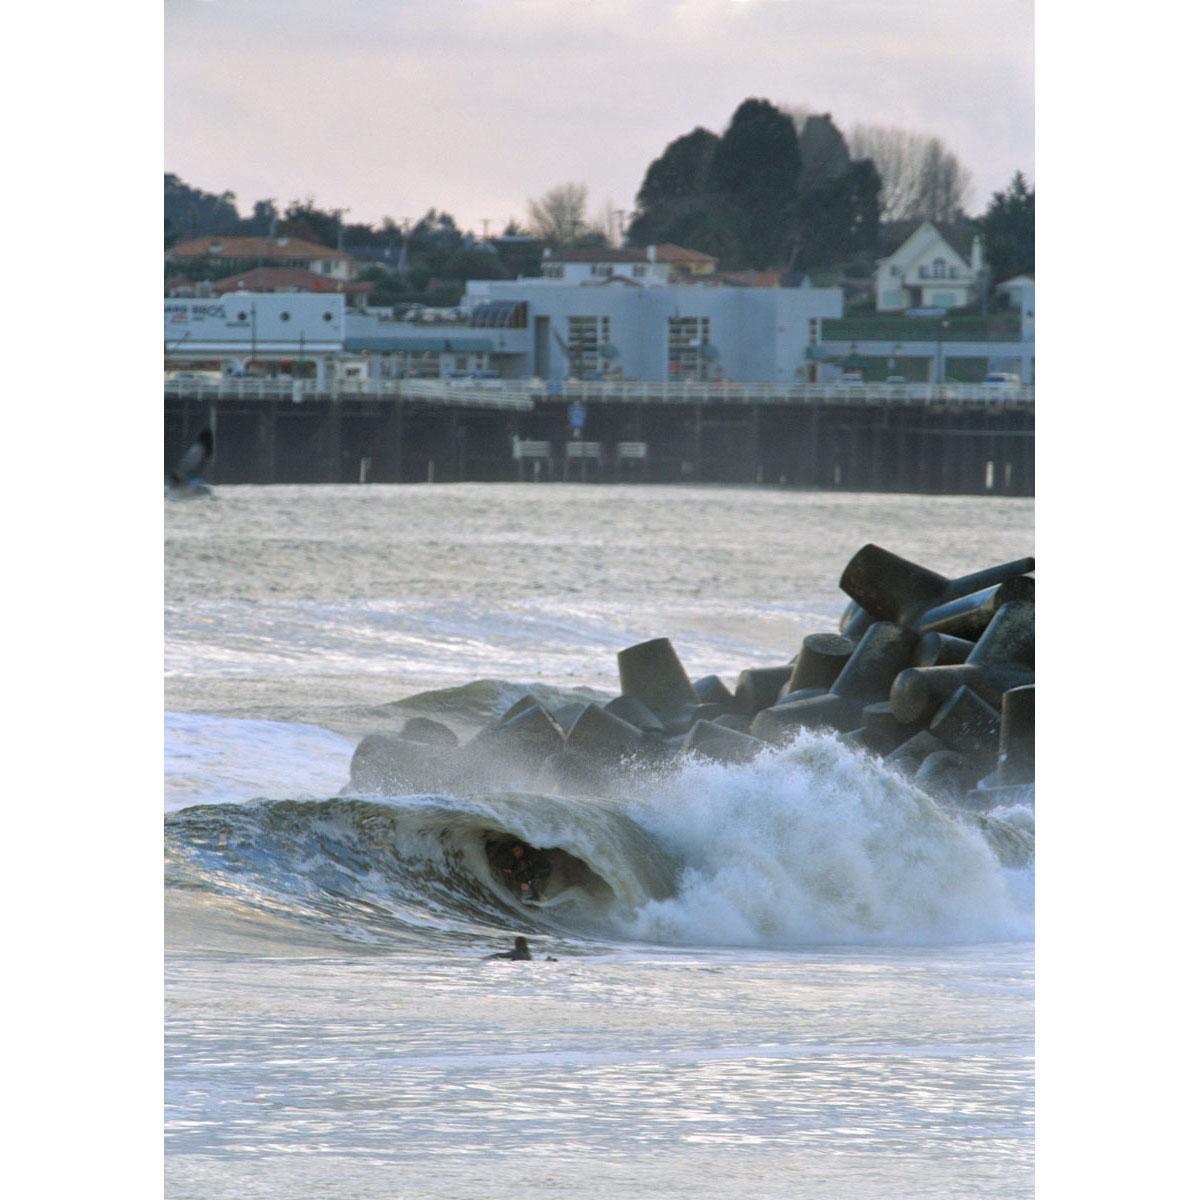 Josh Mulcoy, Santa Cruz Harbor